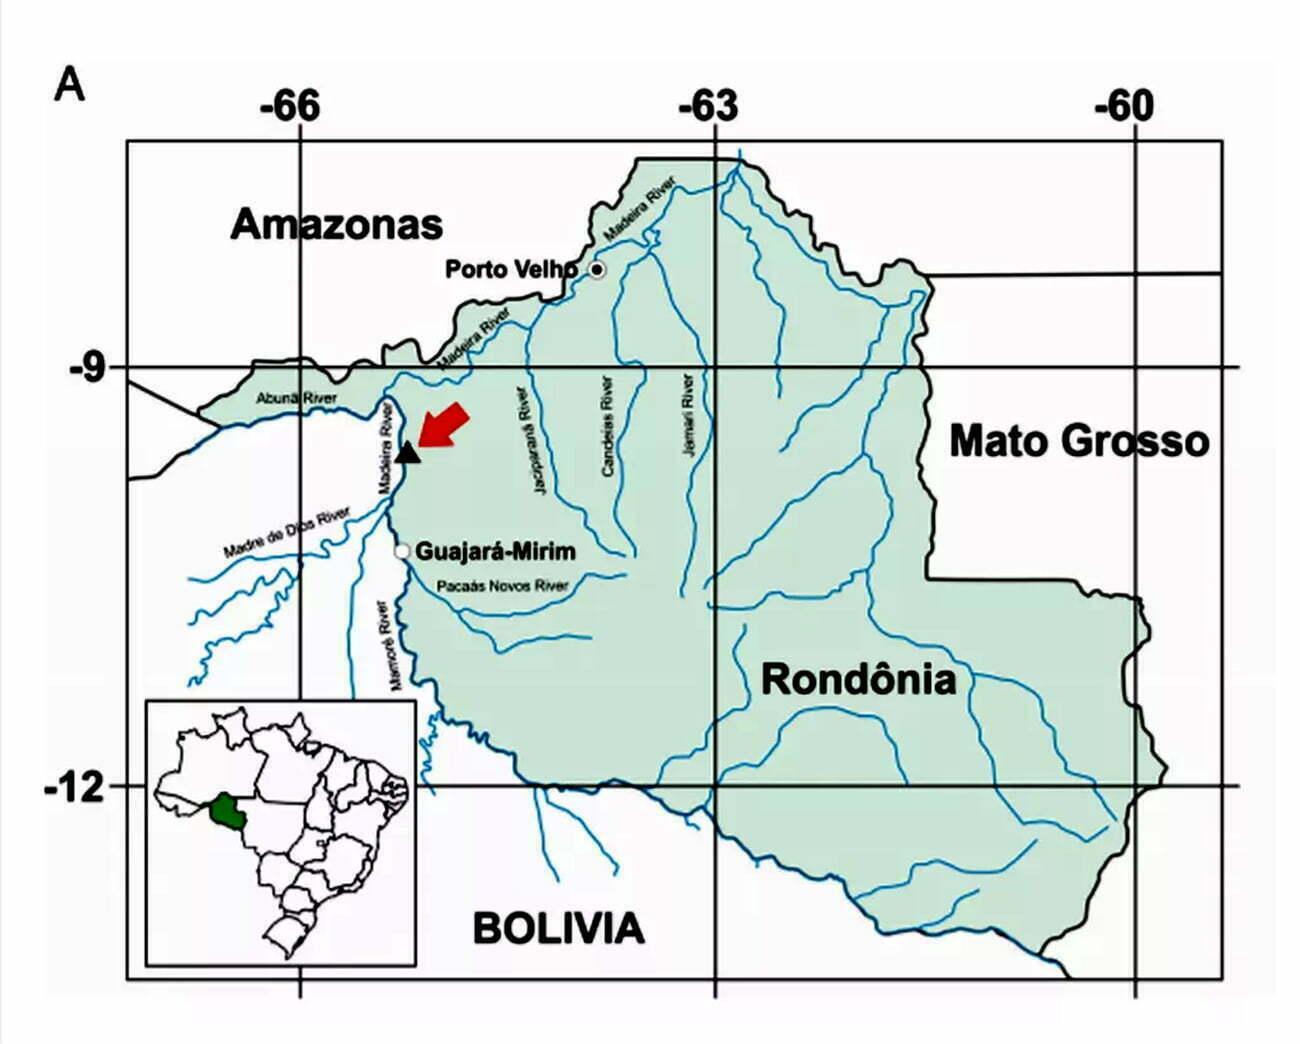 mapa da área onde forma encontrados nova espécie de peixe-boi